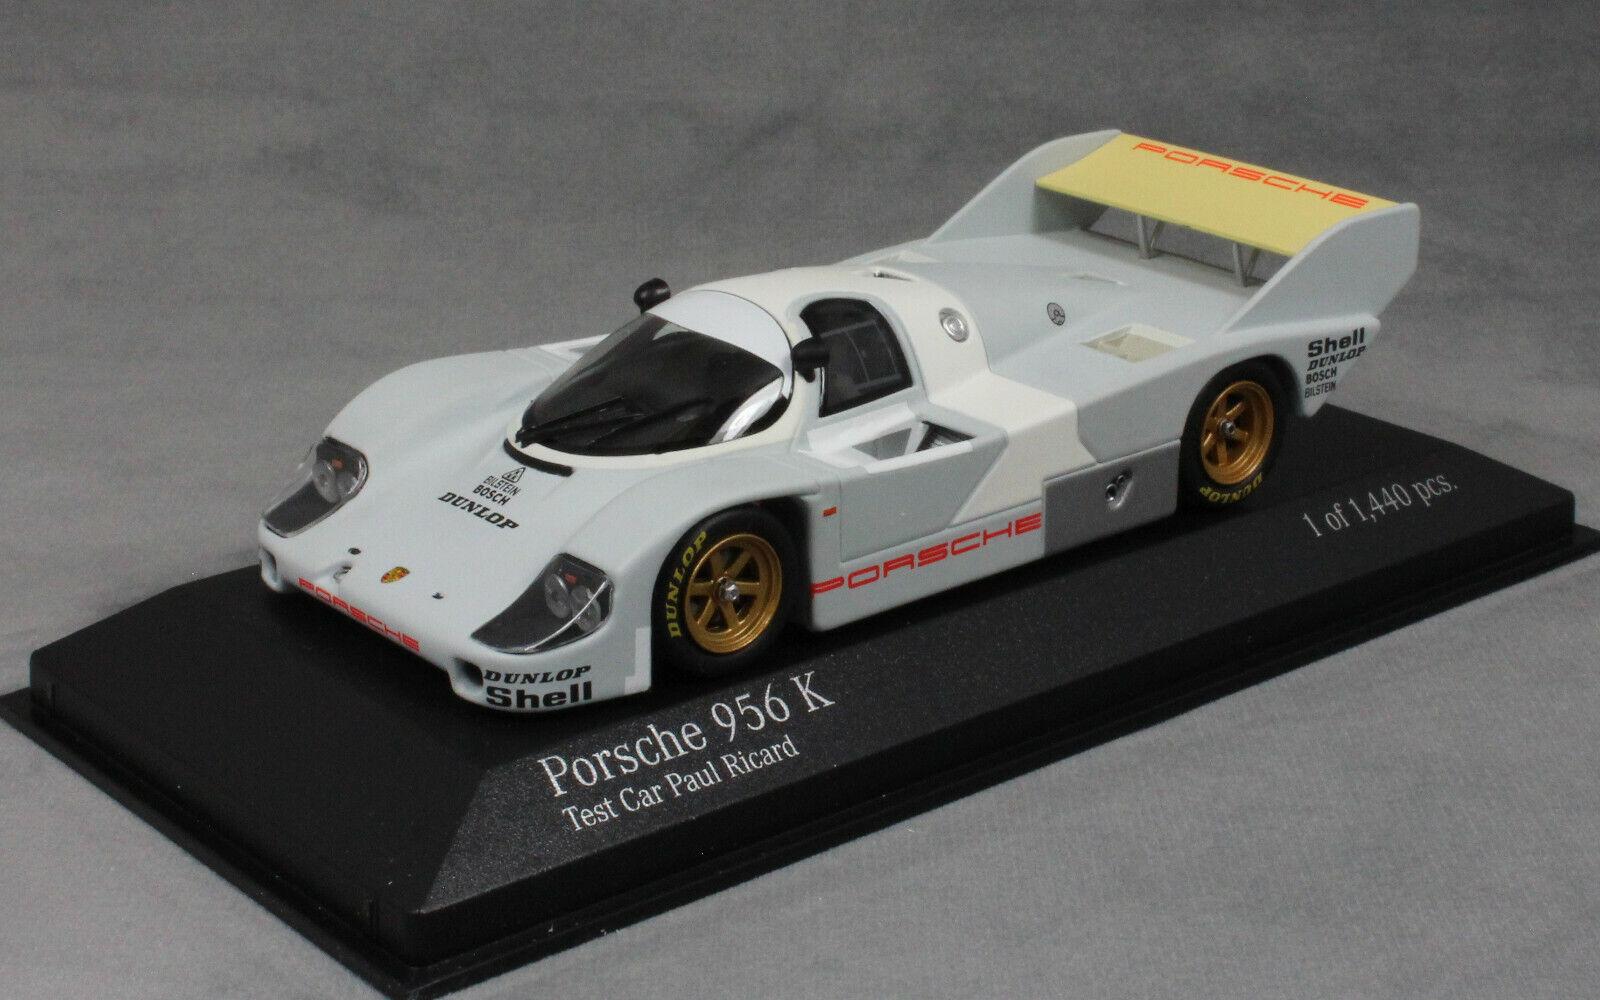 Minichamps Porsche 956K Paul Ricard Test Voiture 1982 400826700 1 43 NEUF Le Mans